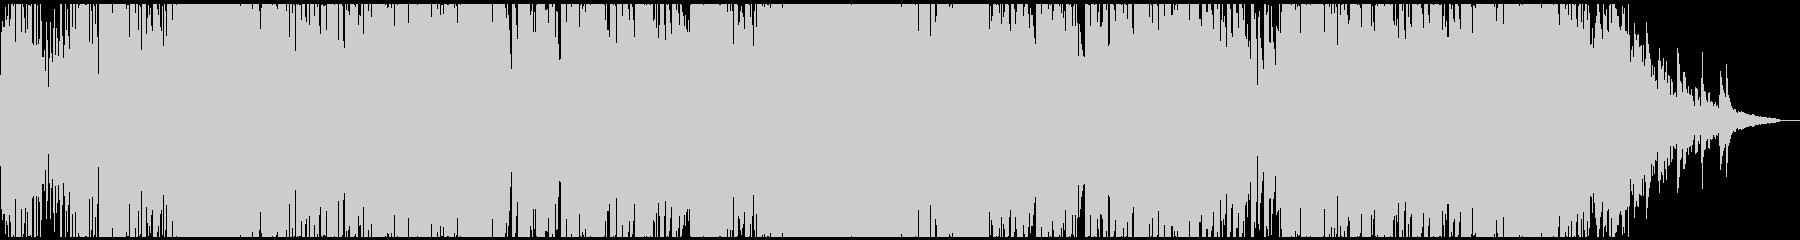 ヘビービート指向のエレクトロインデ...の未再生の波形